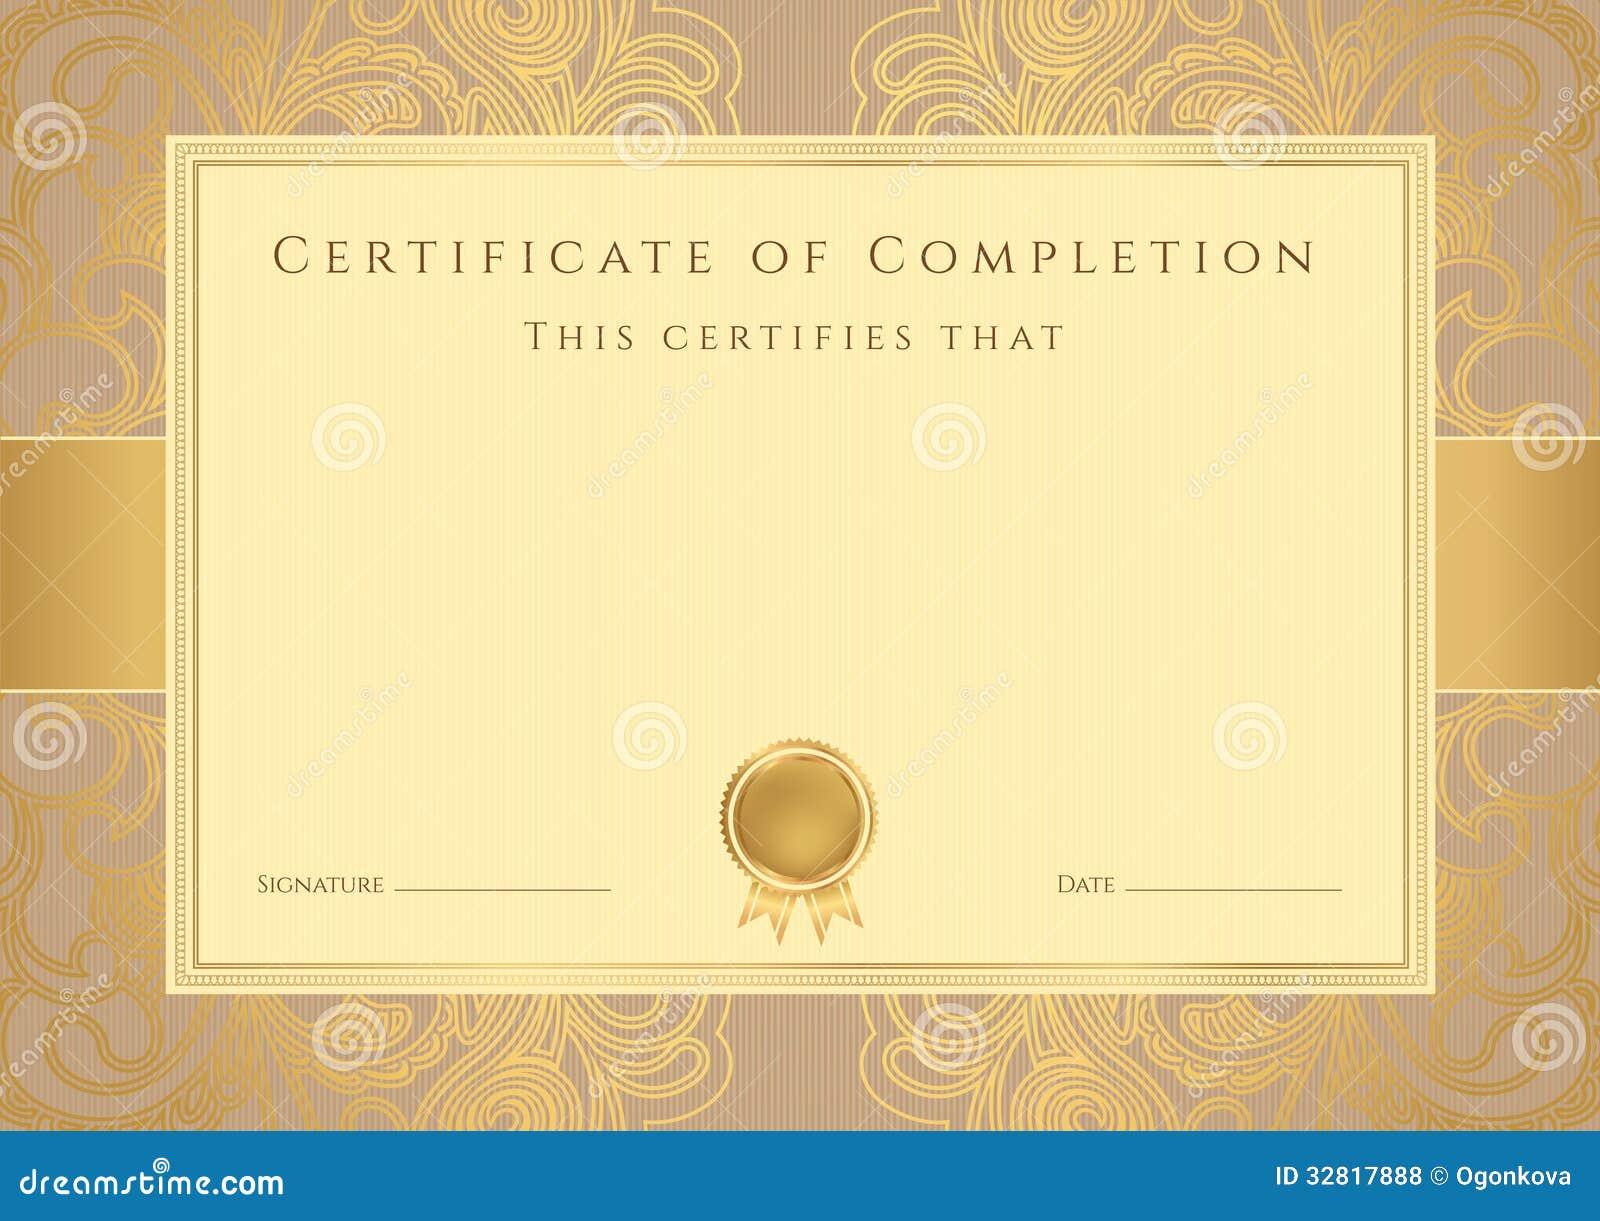 Fondo del certificado/del diploma (plantilla). Modelo